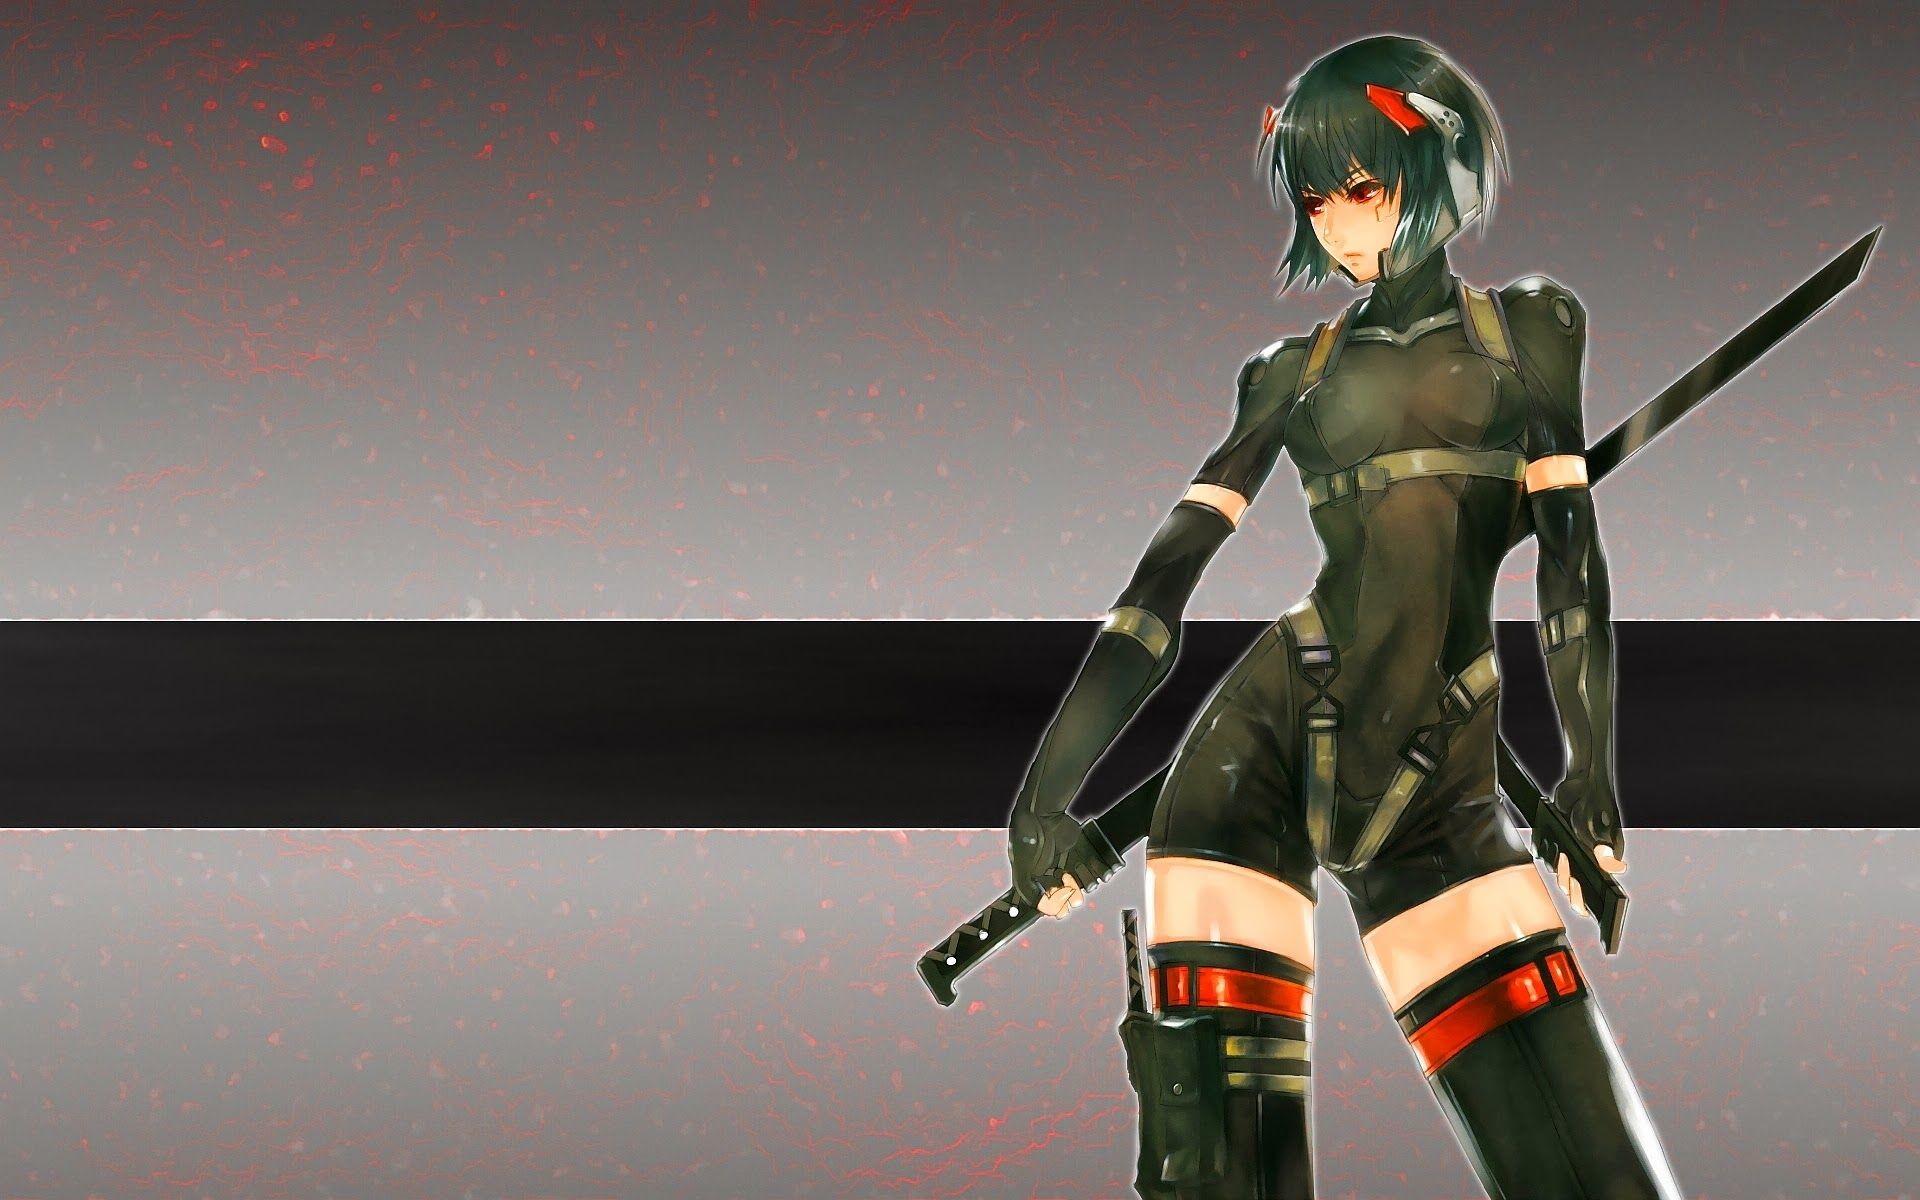 Best Anime Girl Warrior Wallpaper Hd